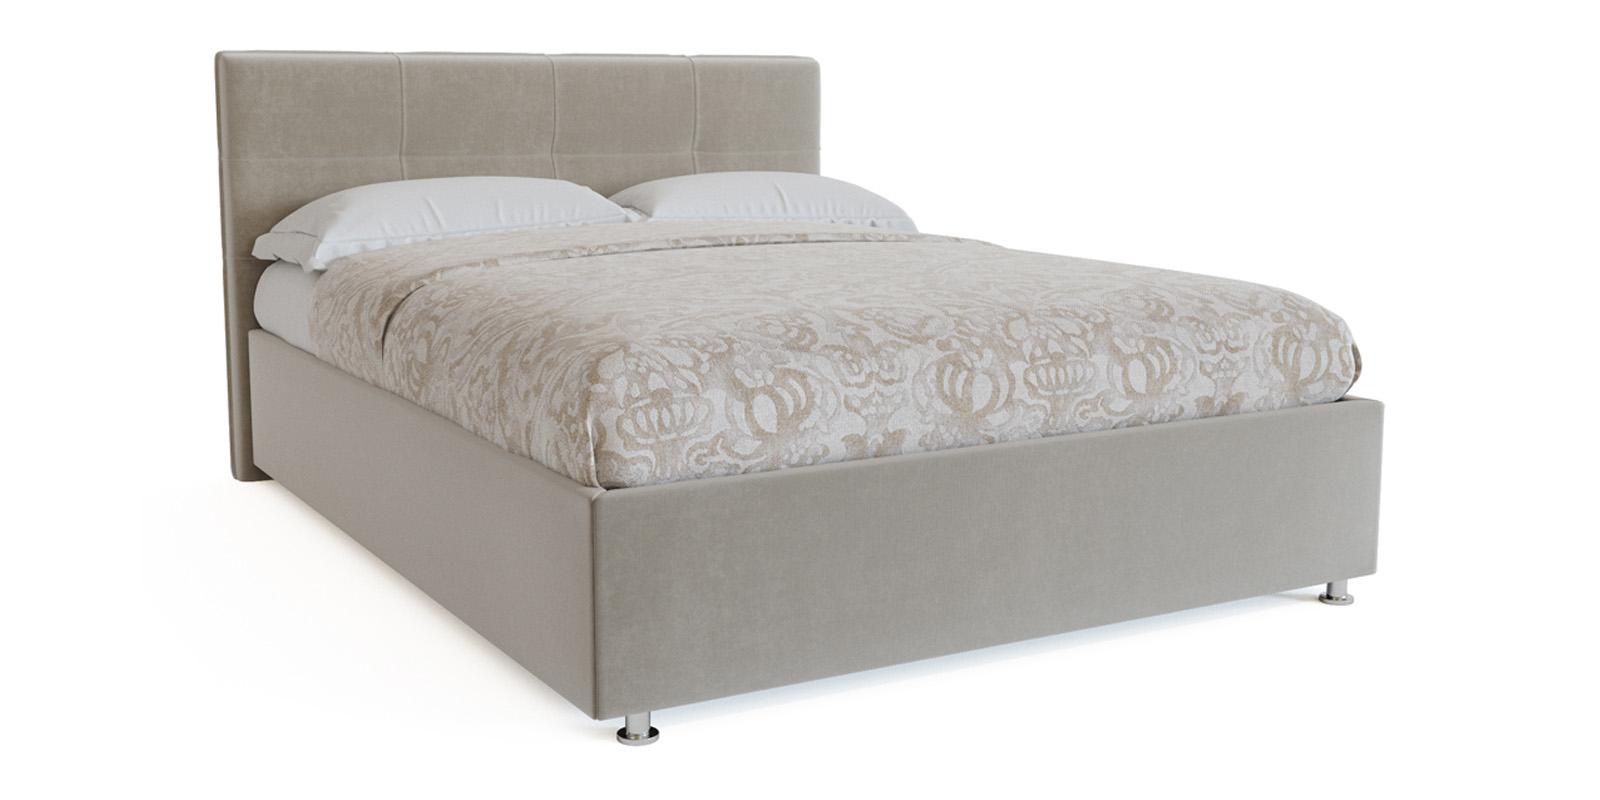 Мягкая кровать 200х160 Неаполь с подъемным механизмом (Светло-серый)